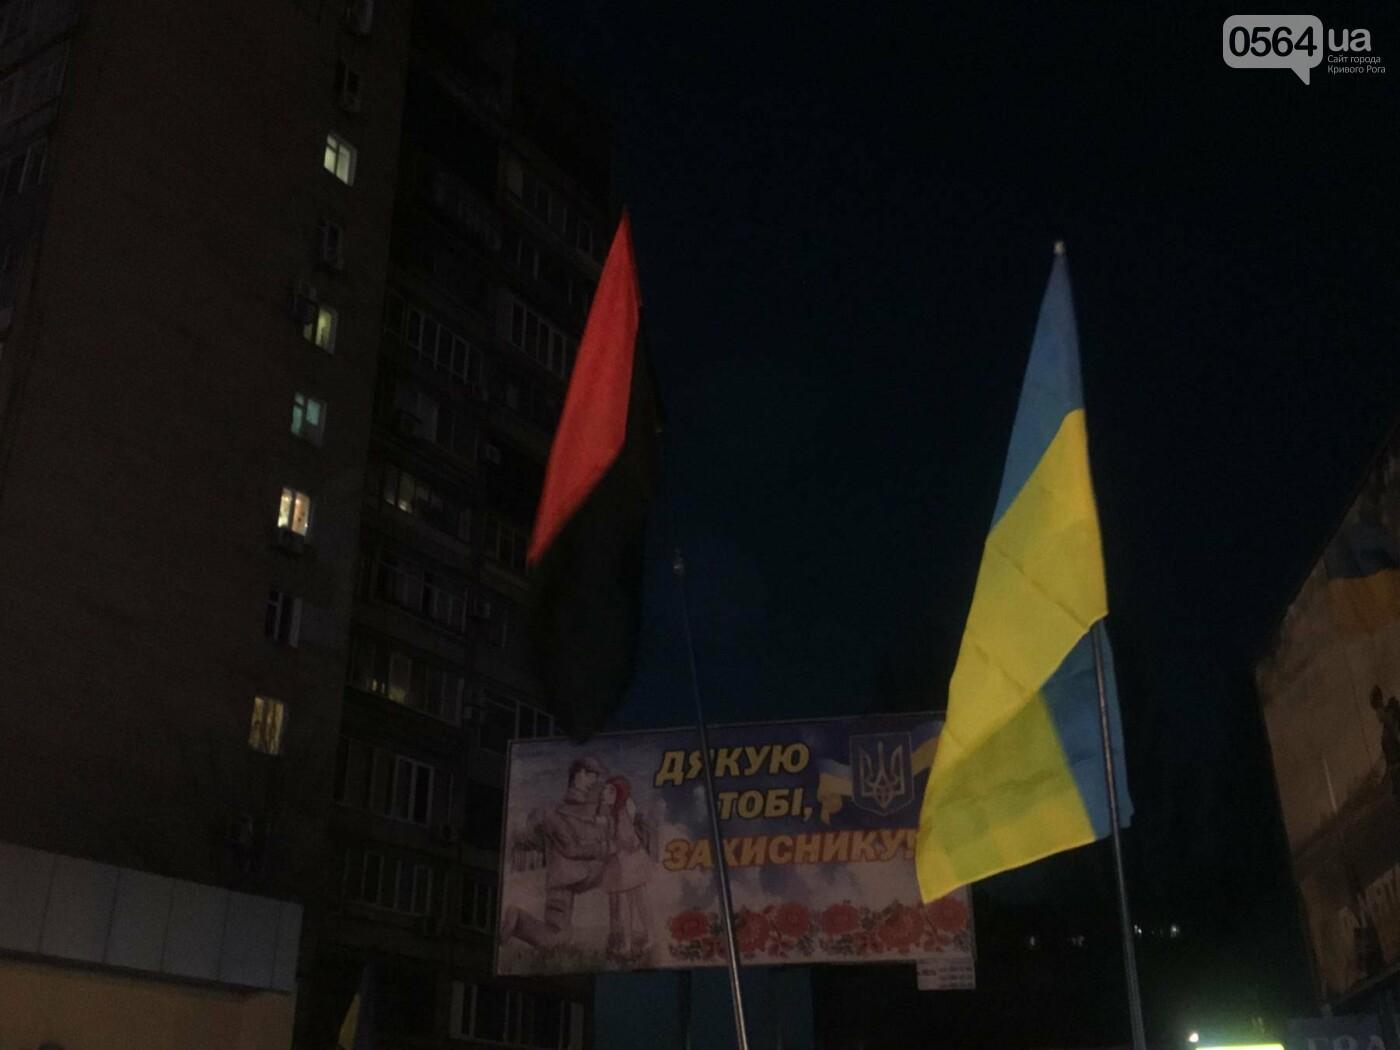 В Кривом Роге проходит Факельный марш в честь Дня рождения Степана Бандеры (ФОТО, ВИДЕО), фото-13